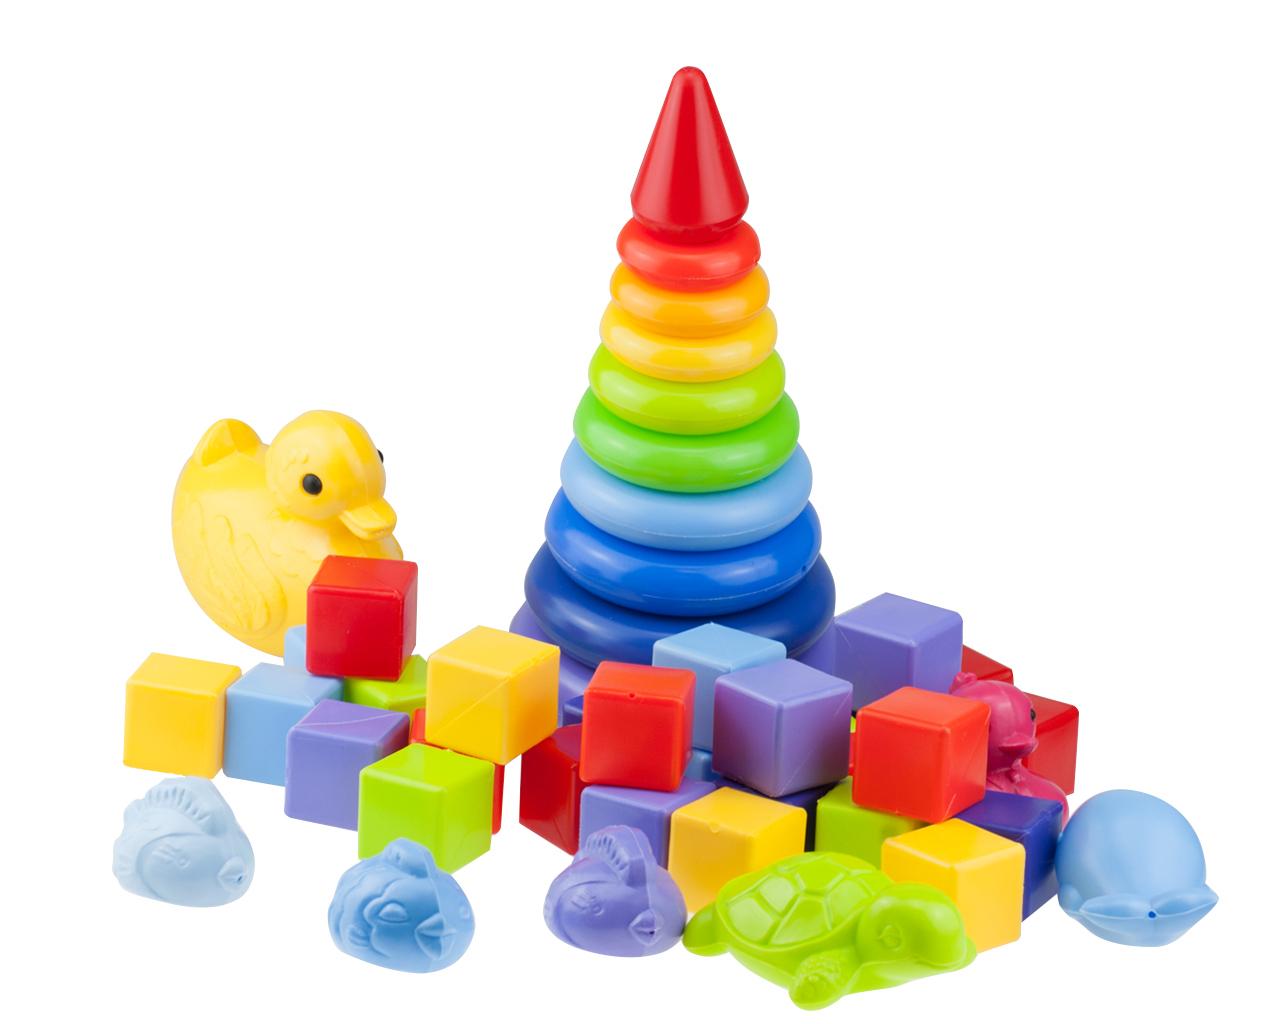 Развивающий набор РосИгрушка Малыш набор игрушек для ванны росигрушка утка и утята